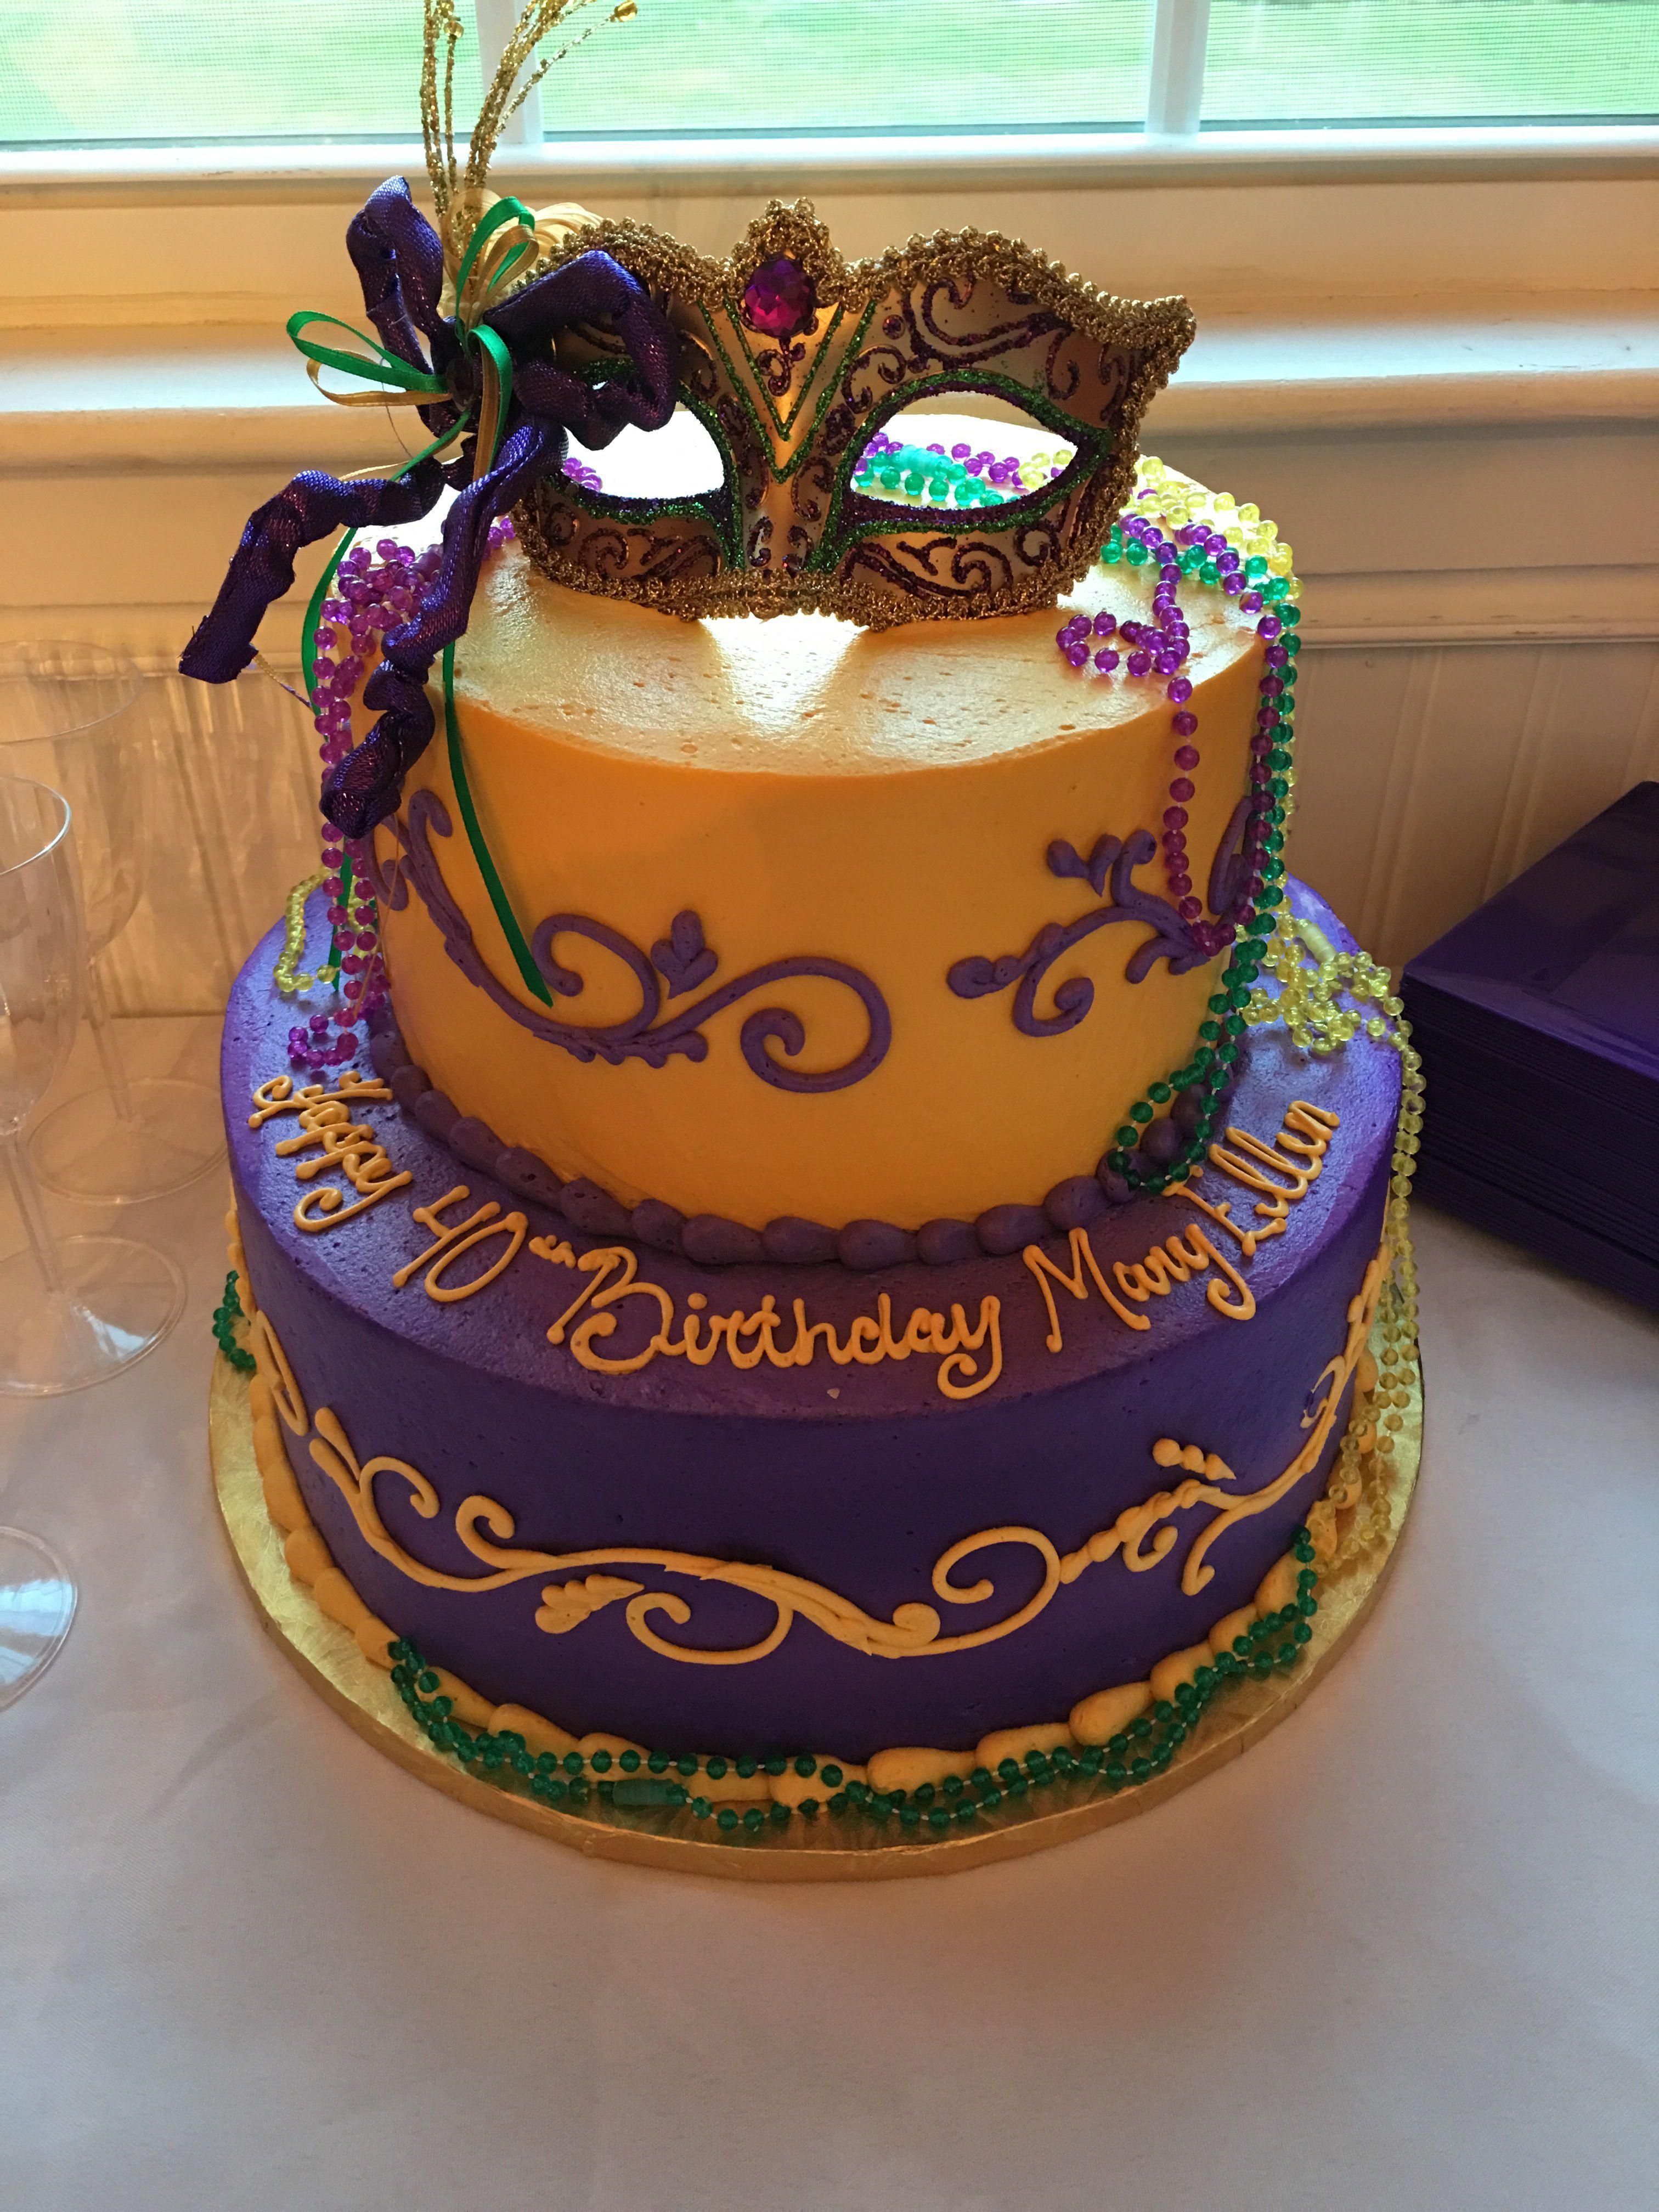 Mardi Gras 40th Birthday Cake With Images Mardi Gras Cake